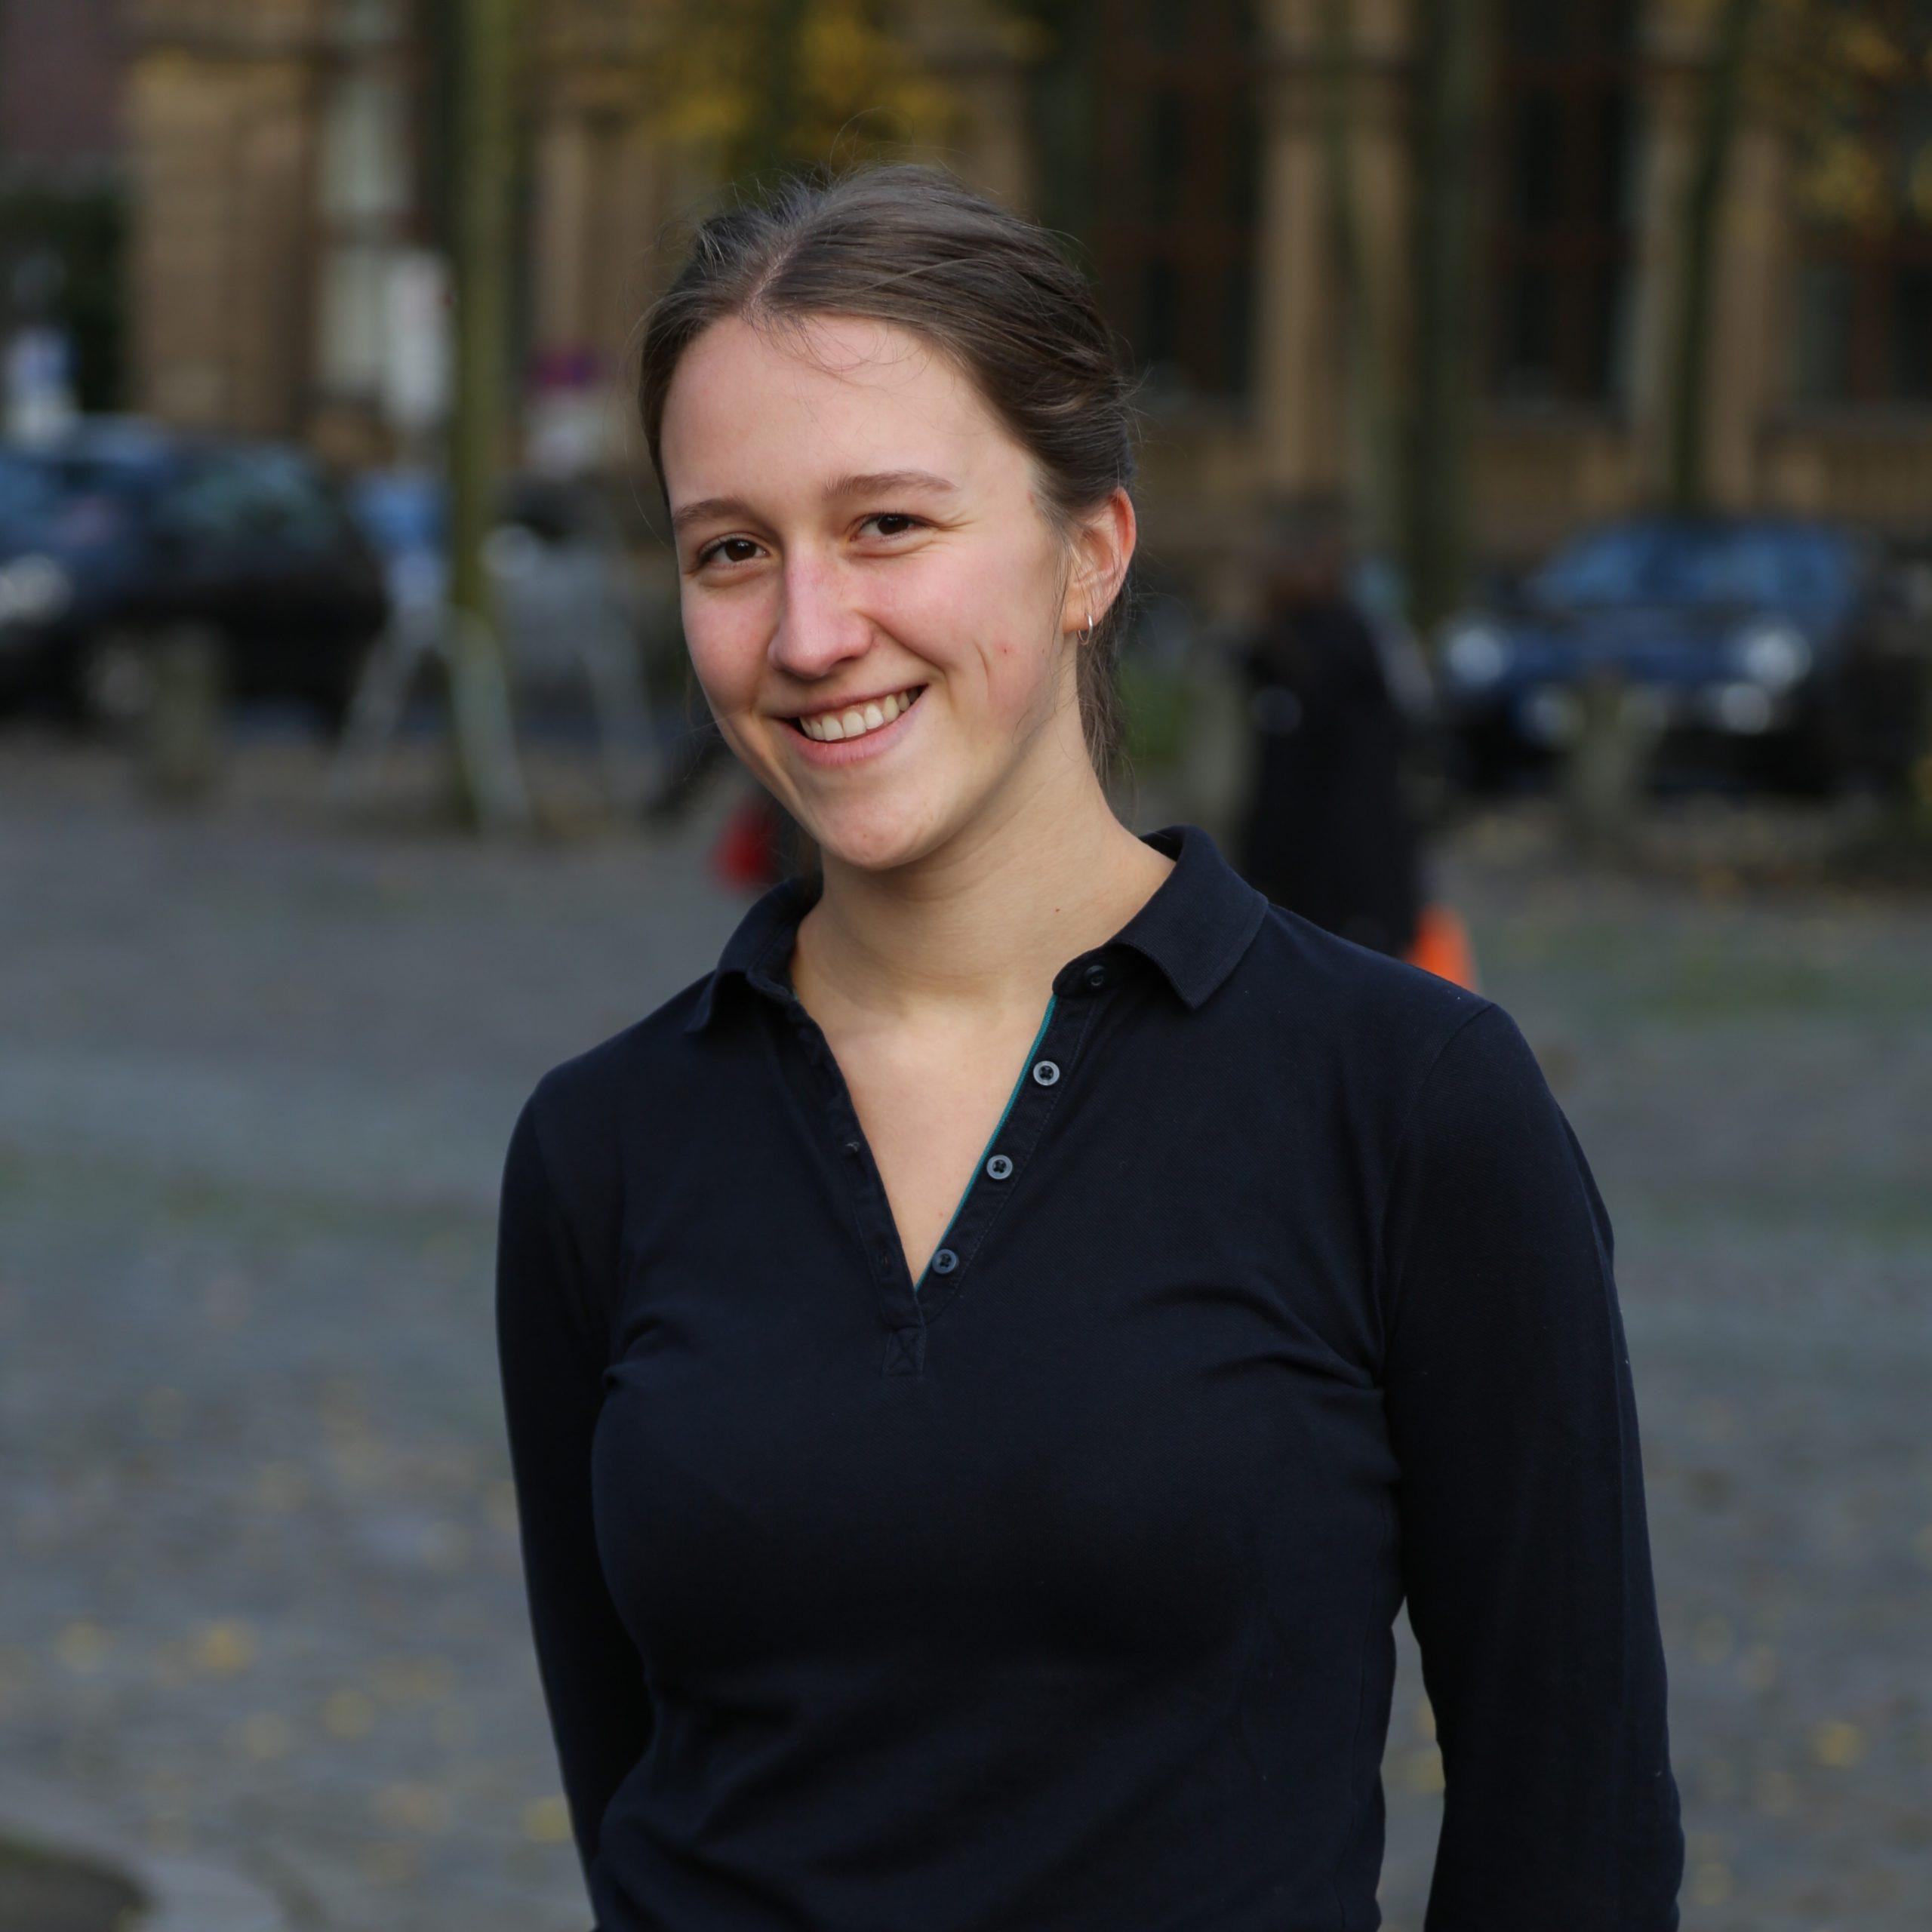 Johanna Patt